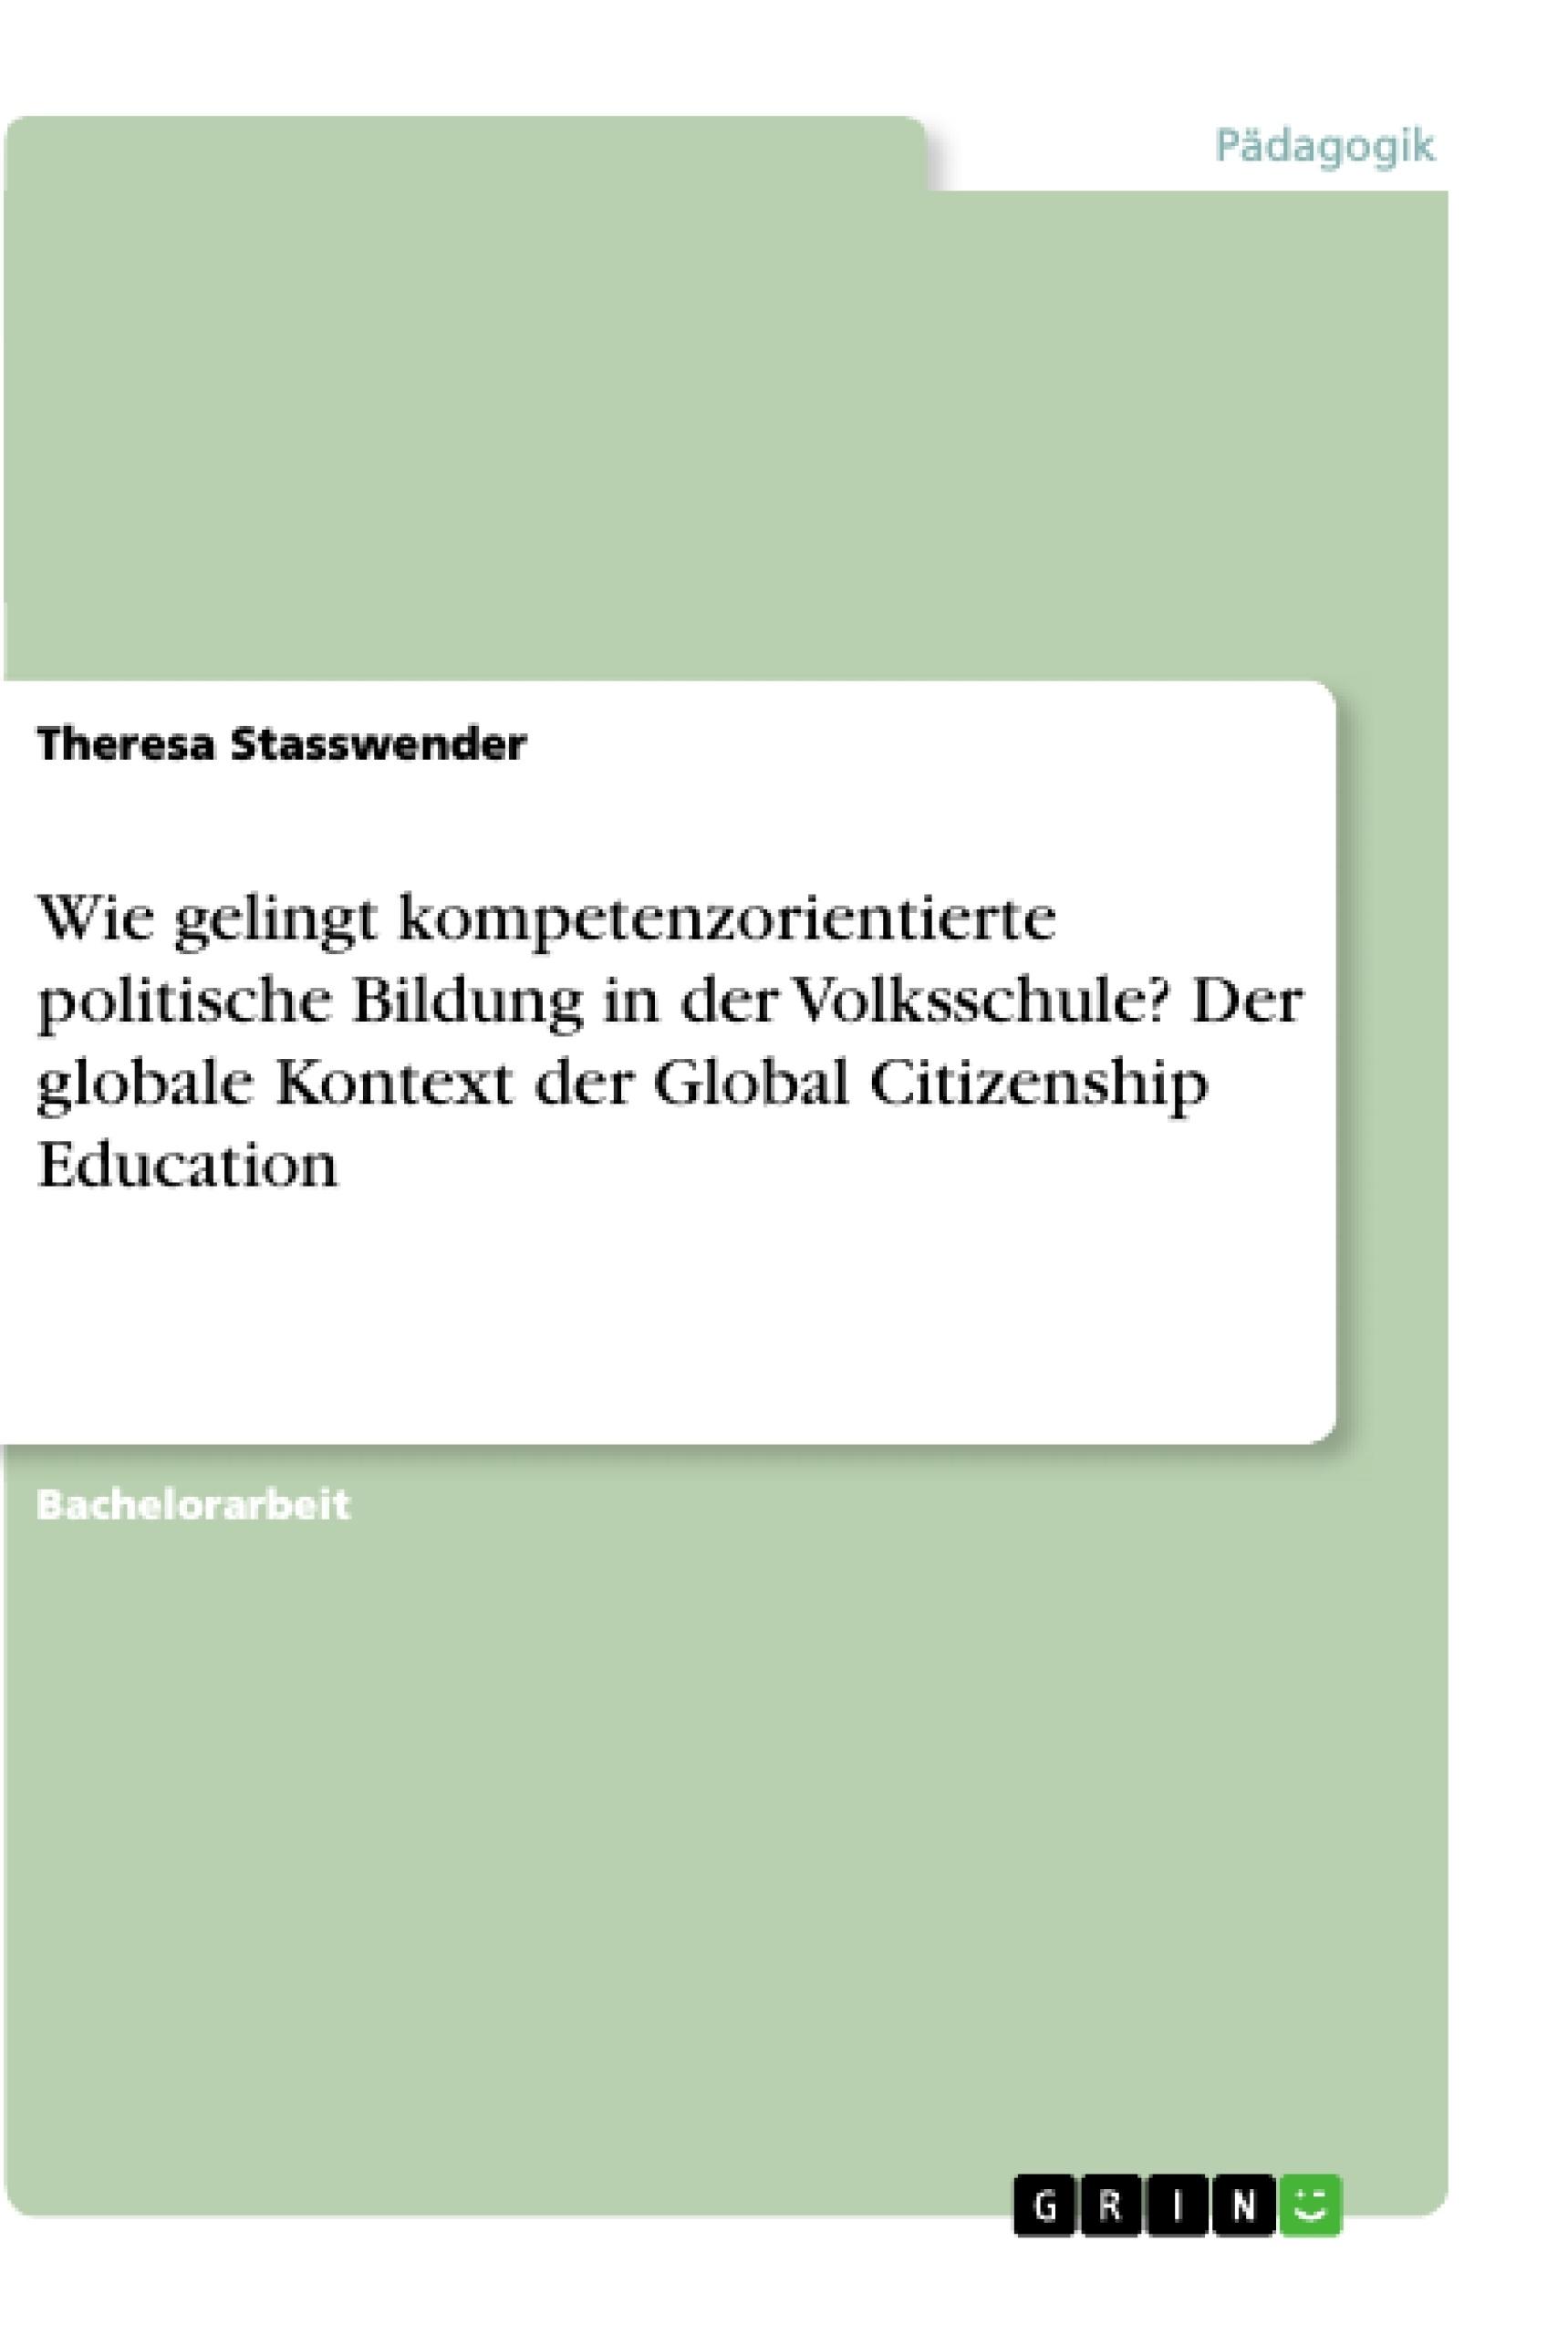 Titel: Wie gelingt kompetenzorientierte politische Bildung in der Volksschule? Der globale Kontext der Global Citizenship Education